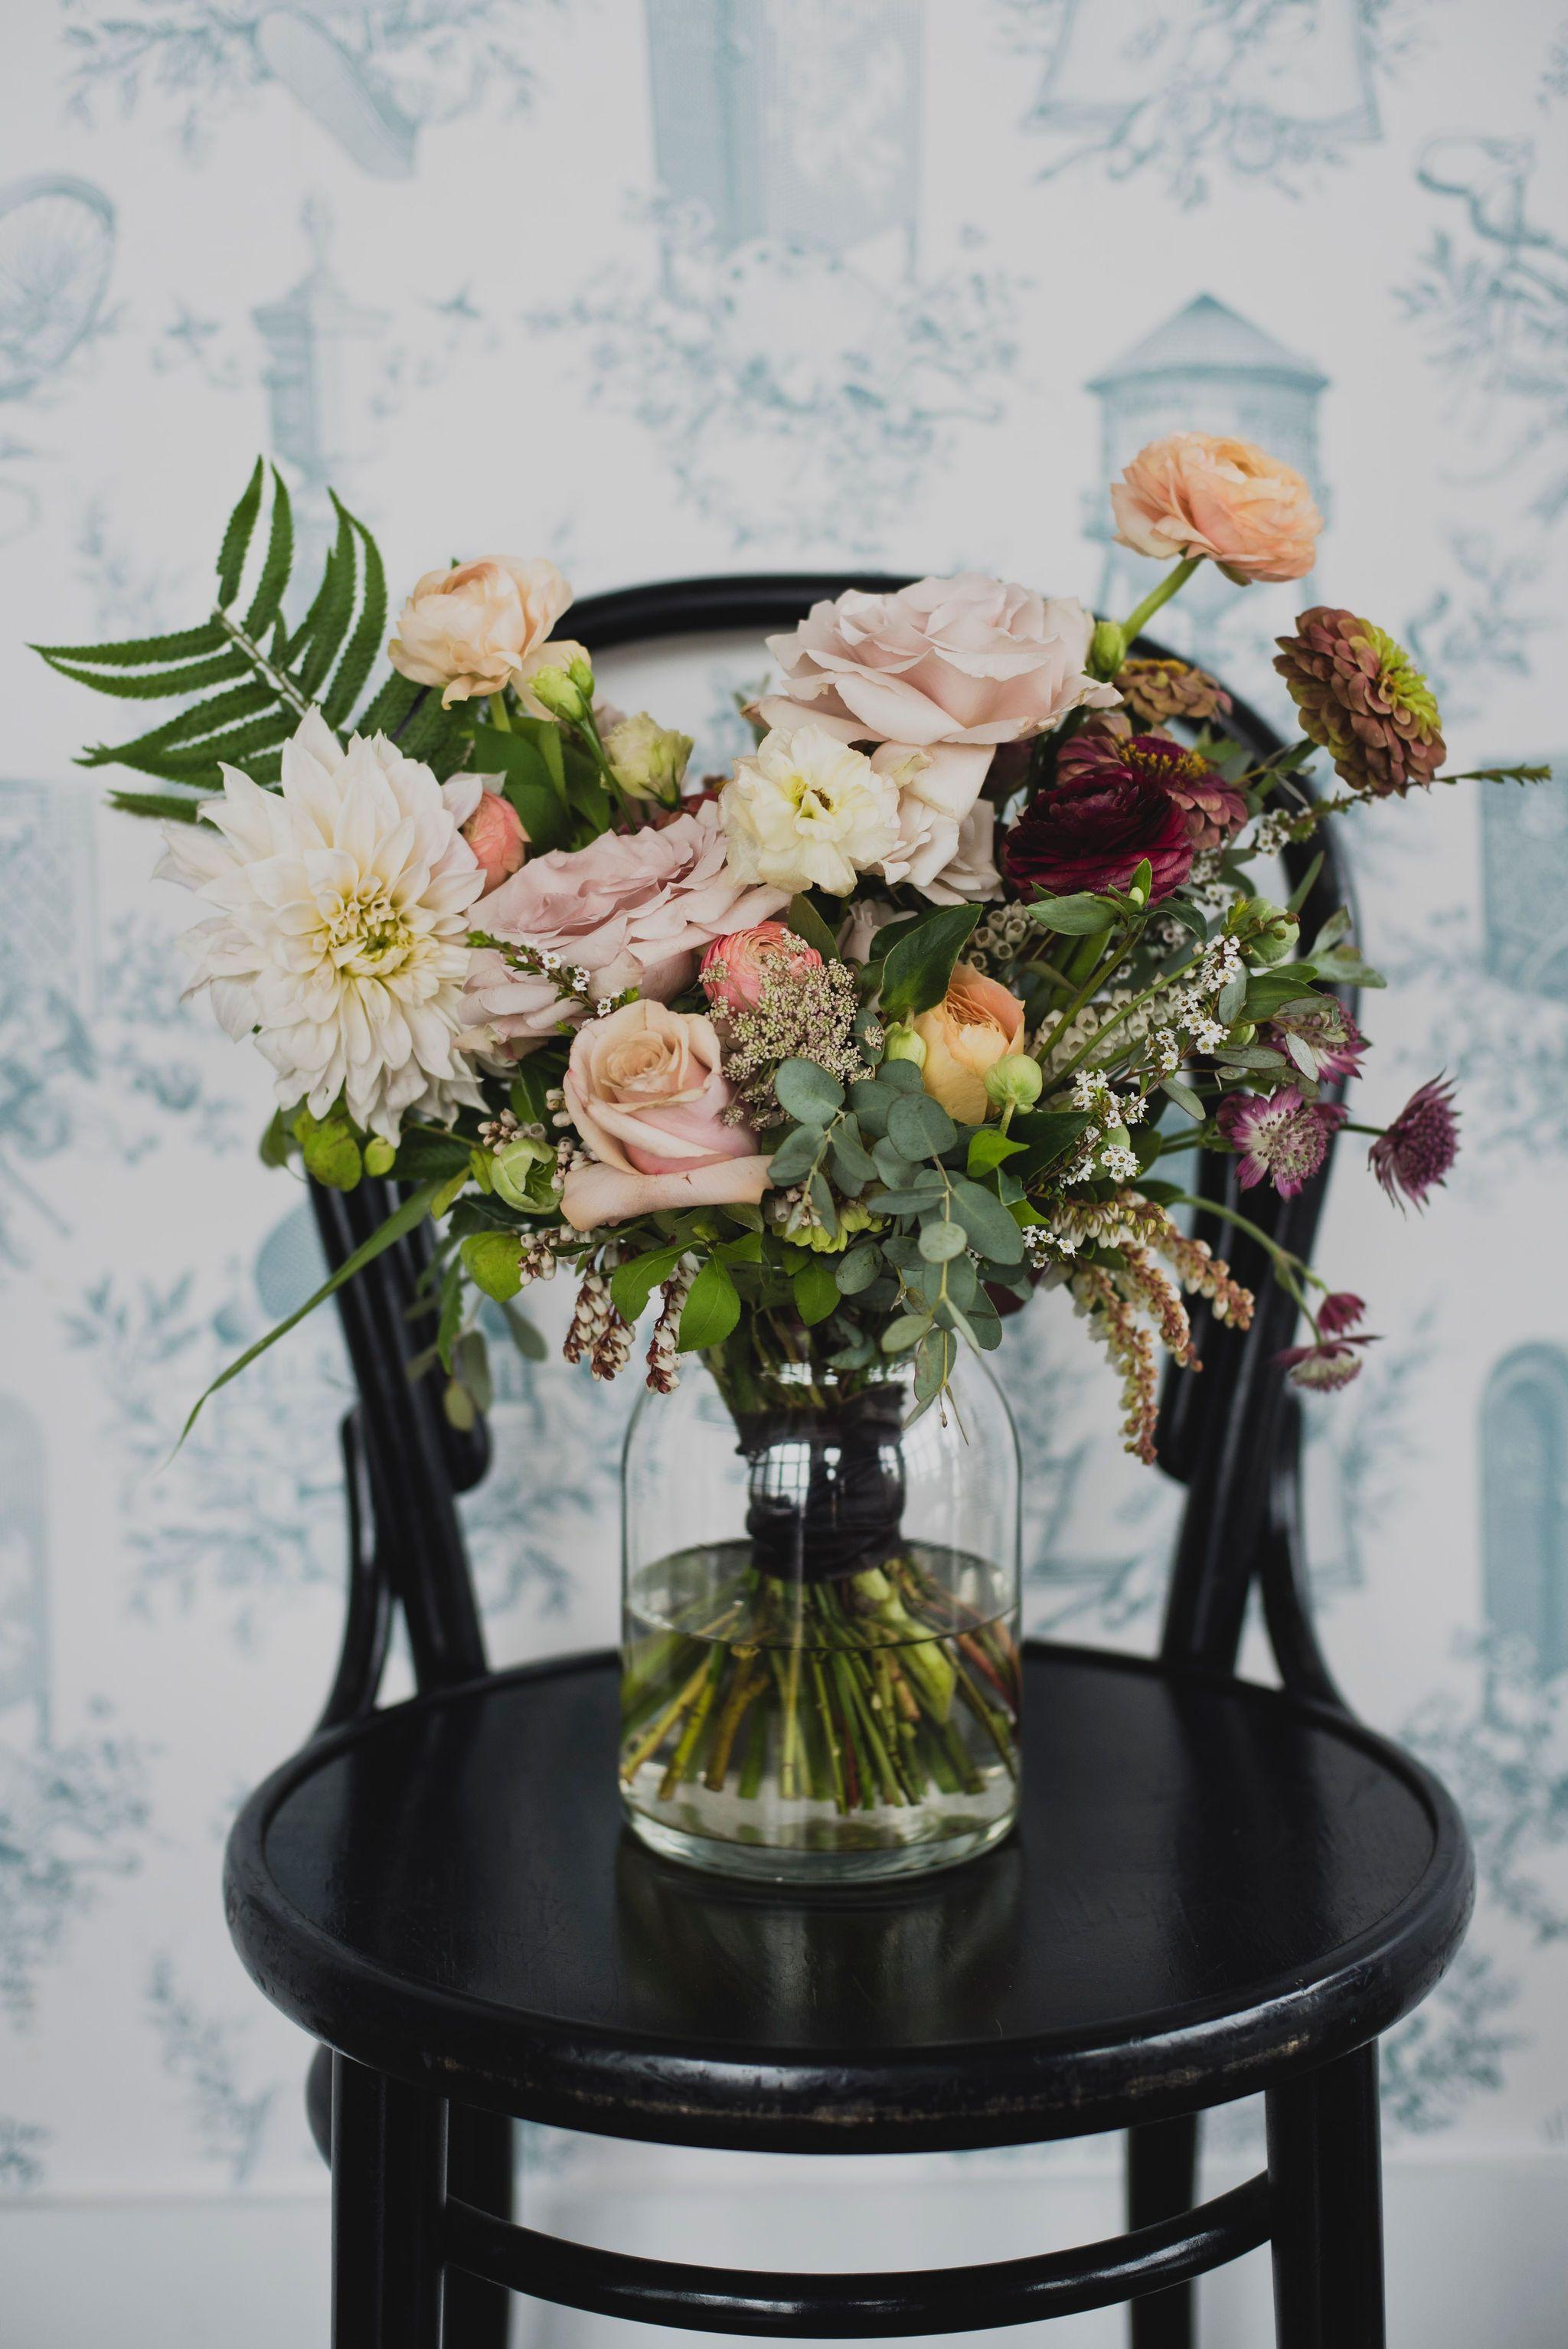 wedding & event flowers brooklyn, ny | stems brooklyn